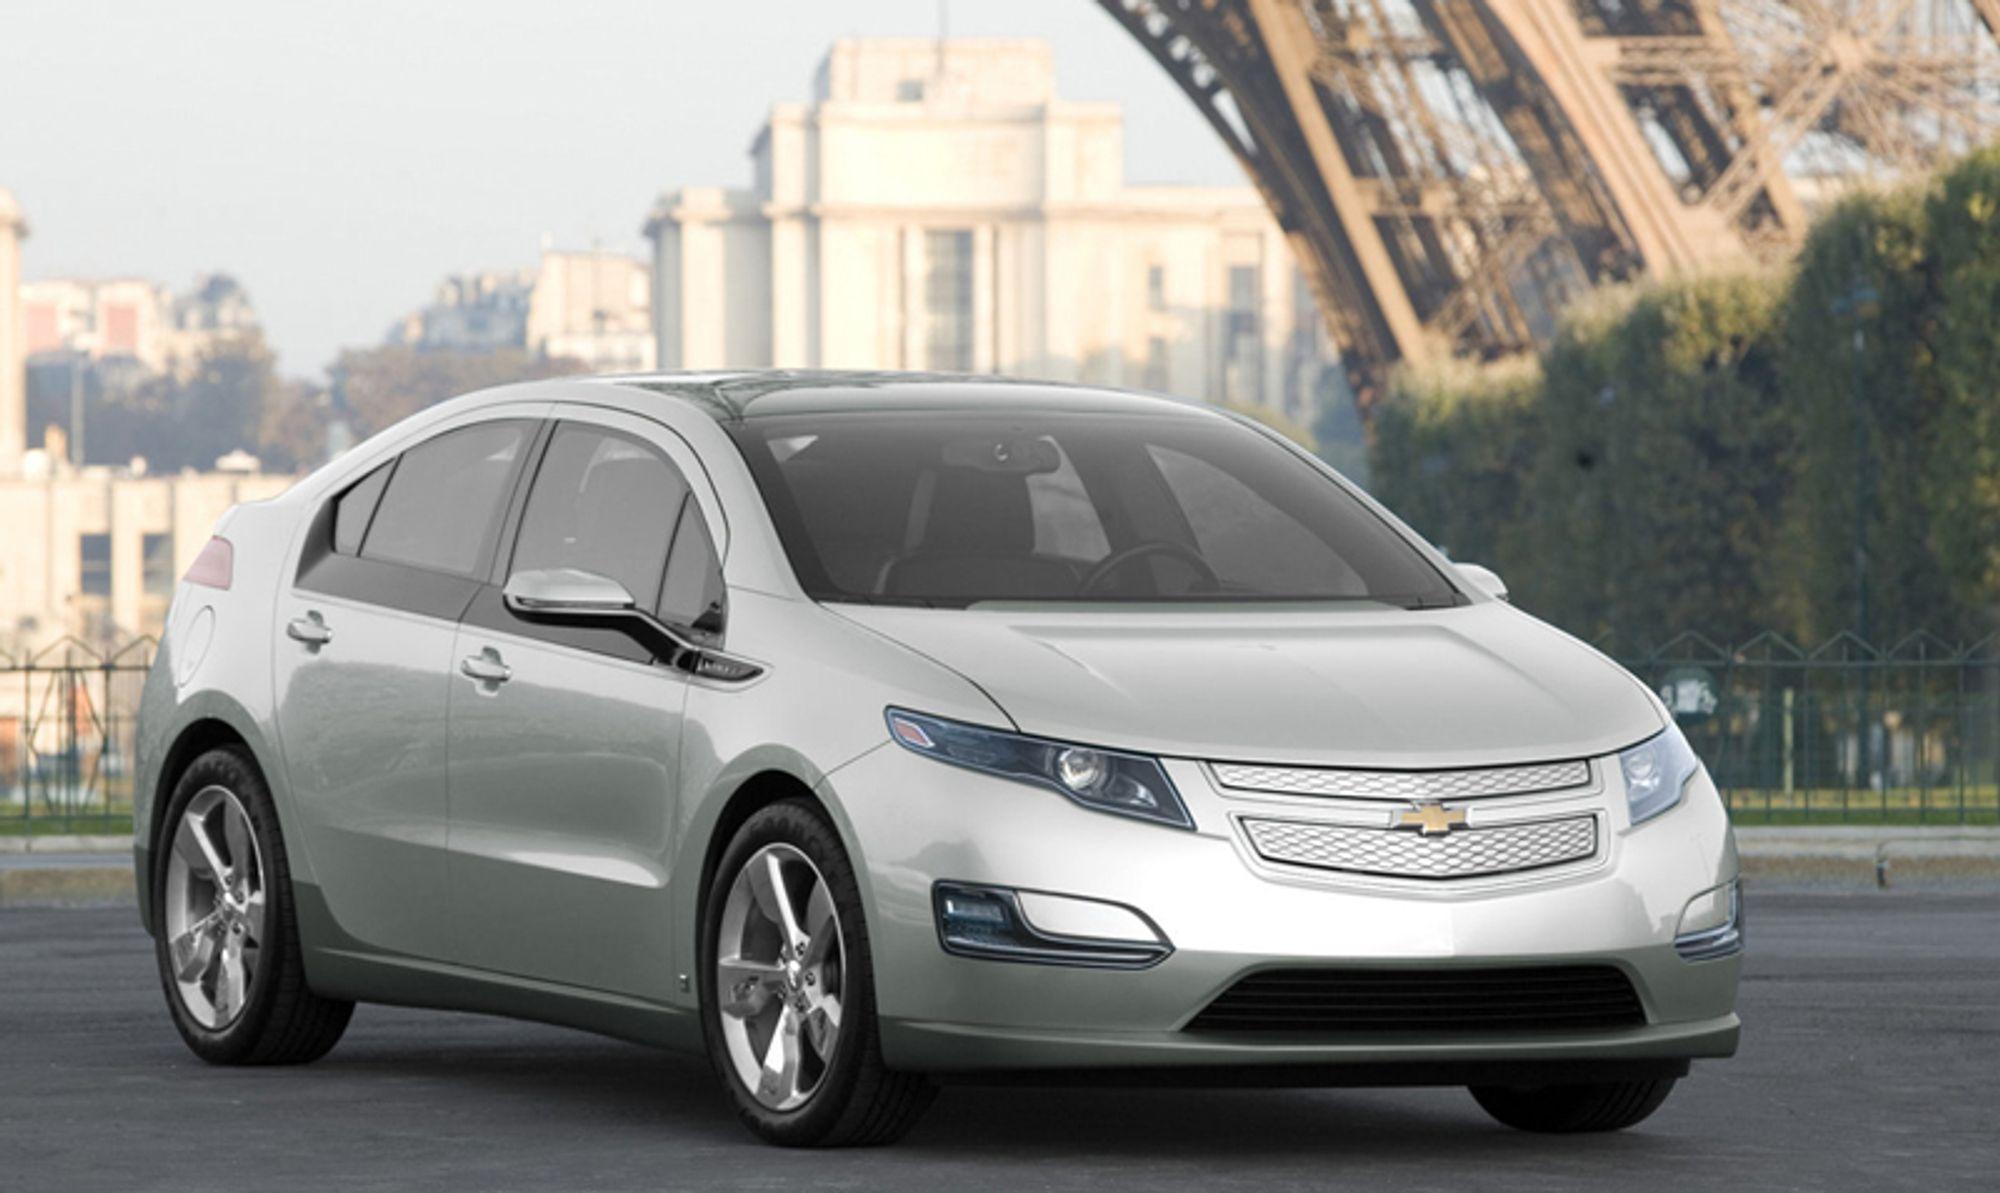 KUNSTIG STIMULI: Amerikanske bilkjøpere kan få 7500 dollar fra myndighetene, eller 50 000 kroner dersom de anskaffer en plugin hybrid som GMs Volt eller et annet kjøretøy som kan forbruker mindre en 0,25 liter per mil.